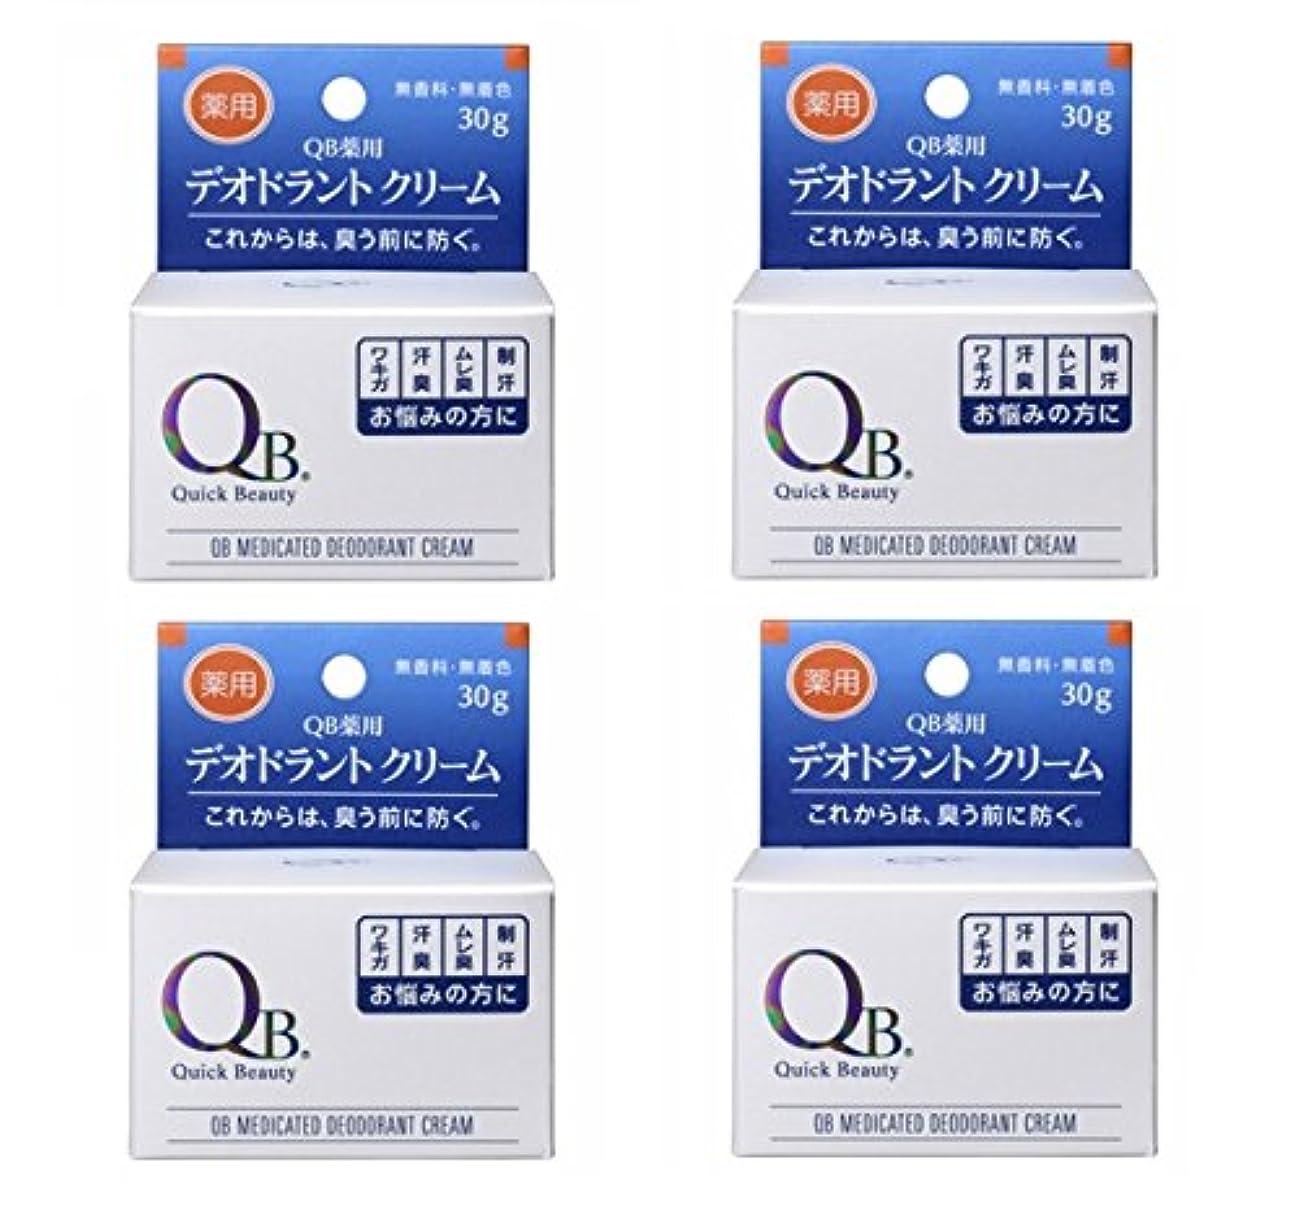 伝染病ドナウ川何でも【×4個】 QB 薬用デオドラントクリーム 30g 【国内正規品】